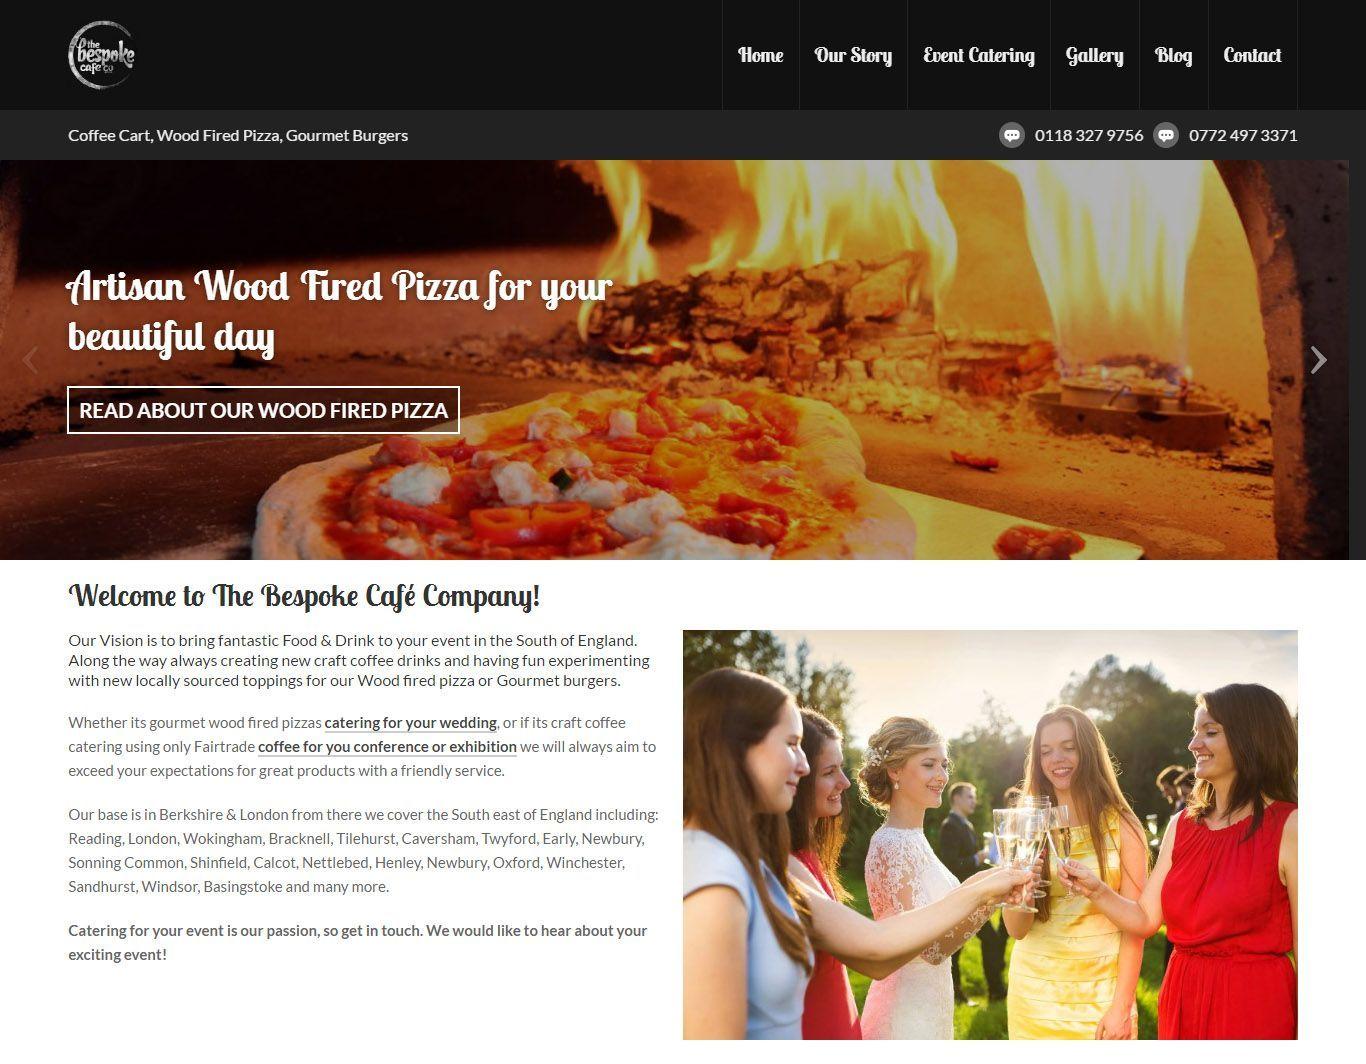 bespokecafe-berkshire-catering-website